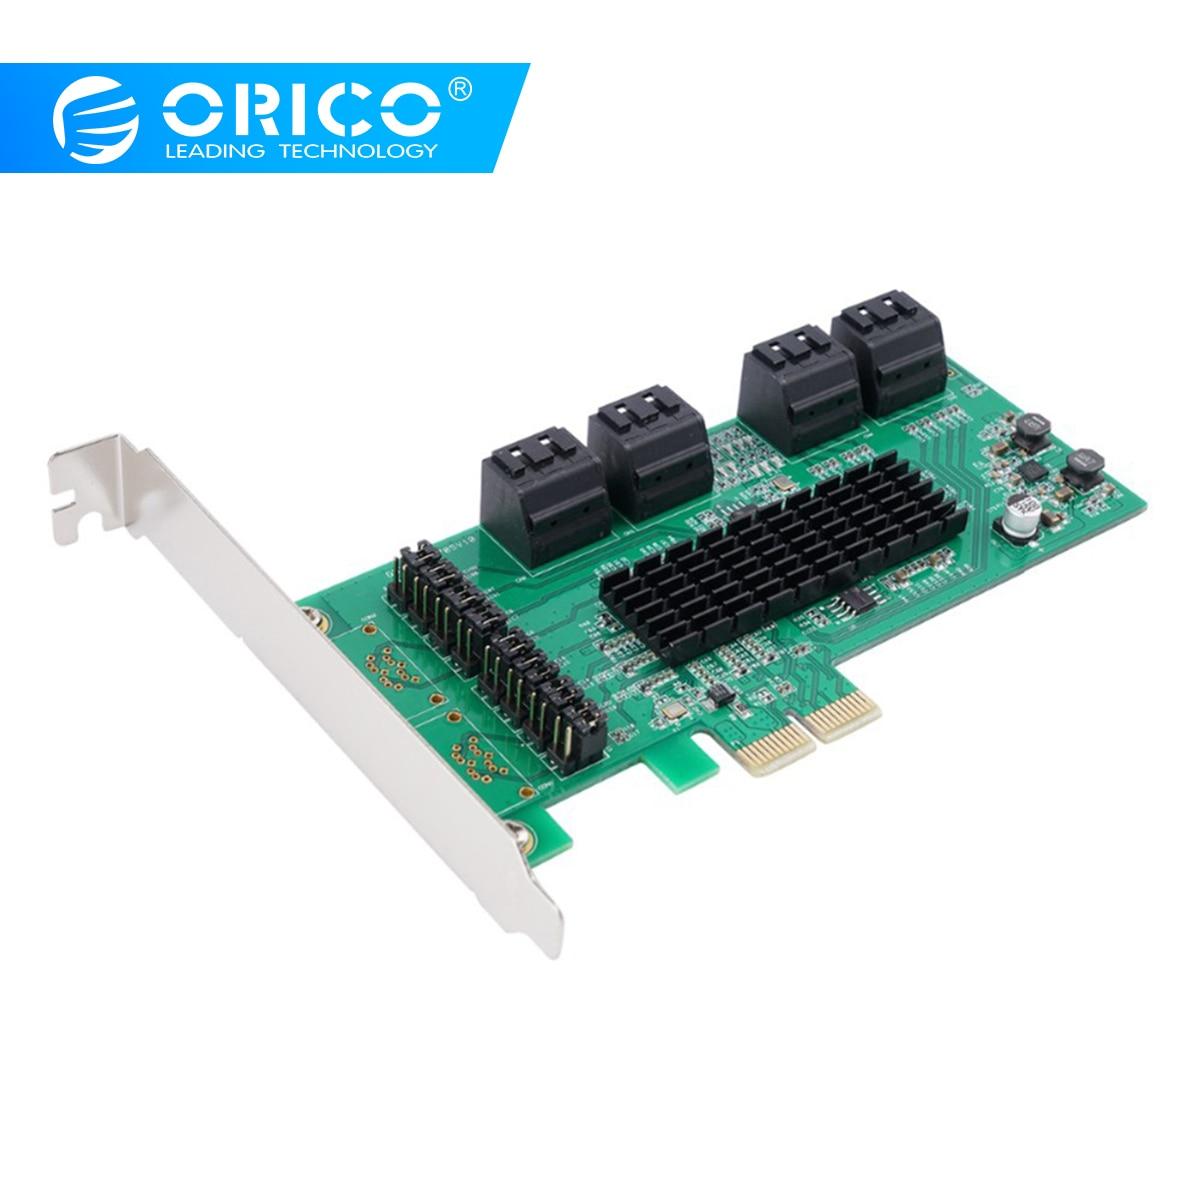 ORICO Porta 8 SATA3.0 PCI-E Adaptador de Cartão de Expansão 6 5gbps de Alta Velocidade Para Componentes de Computadores Desktop X1/X4/ x8/X16 PCI Express Card